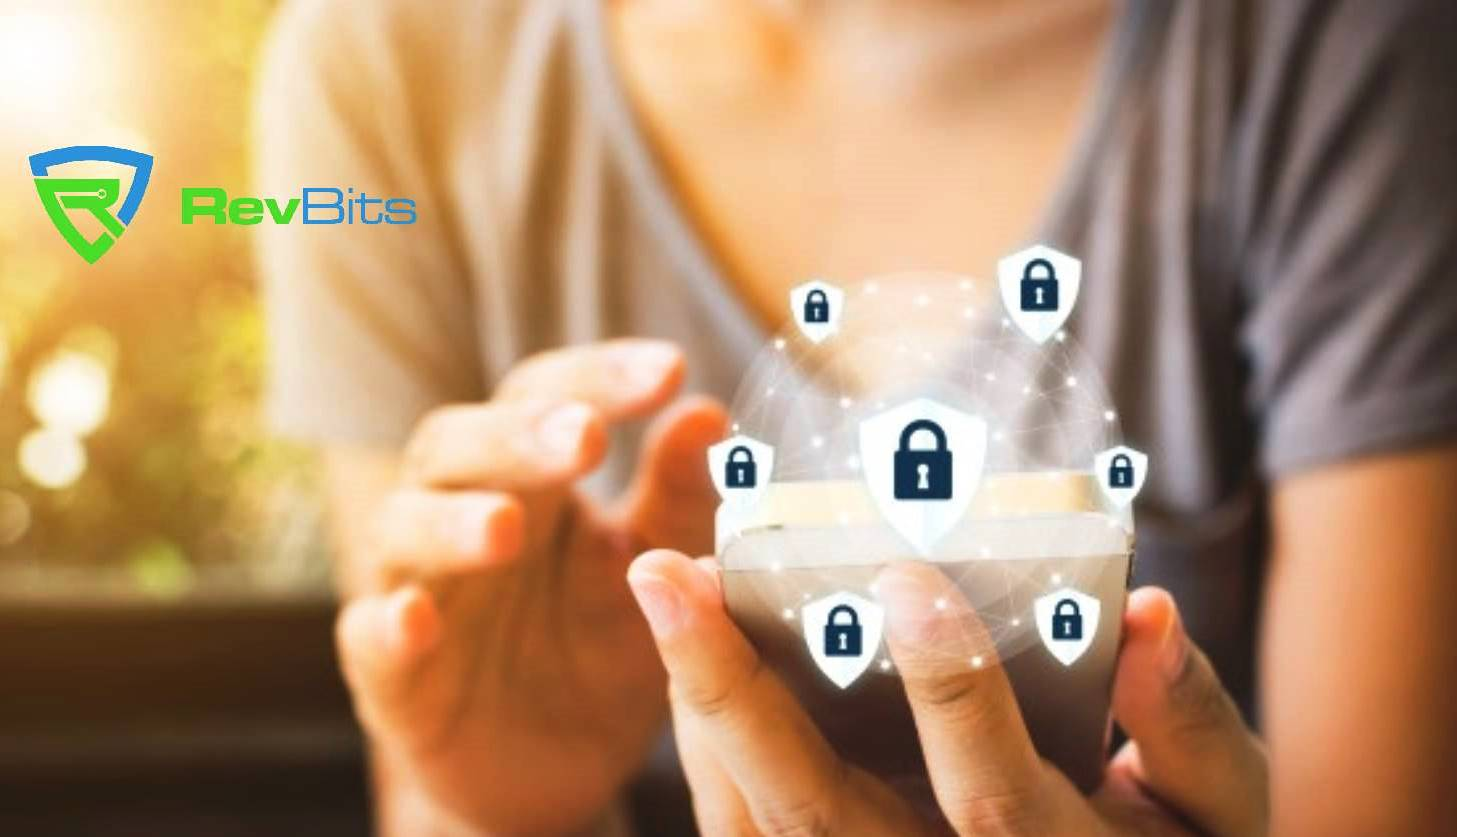 Hindari Serangan Siber, RevBits Tawarkan Solusi